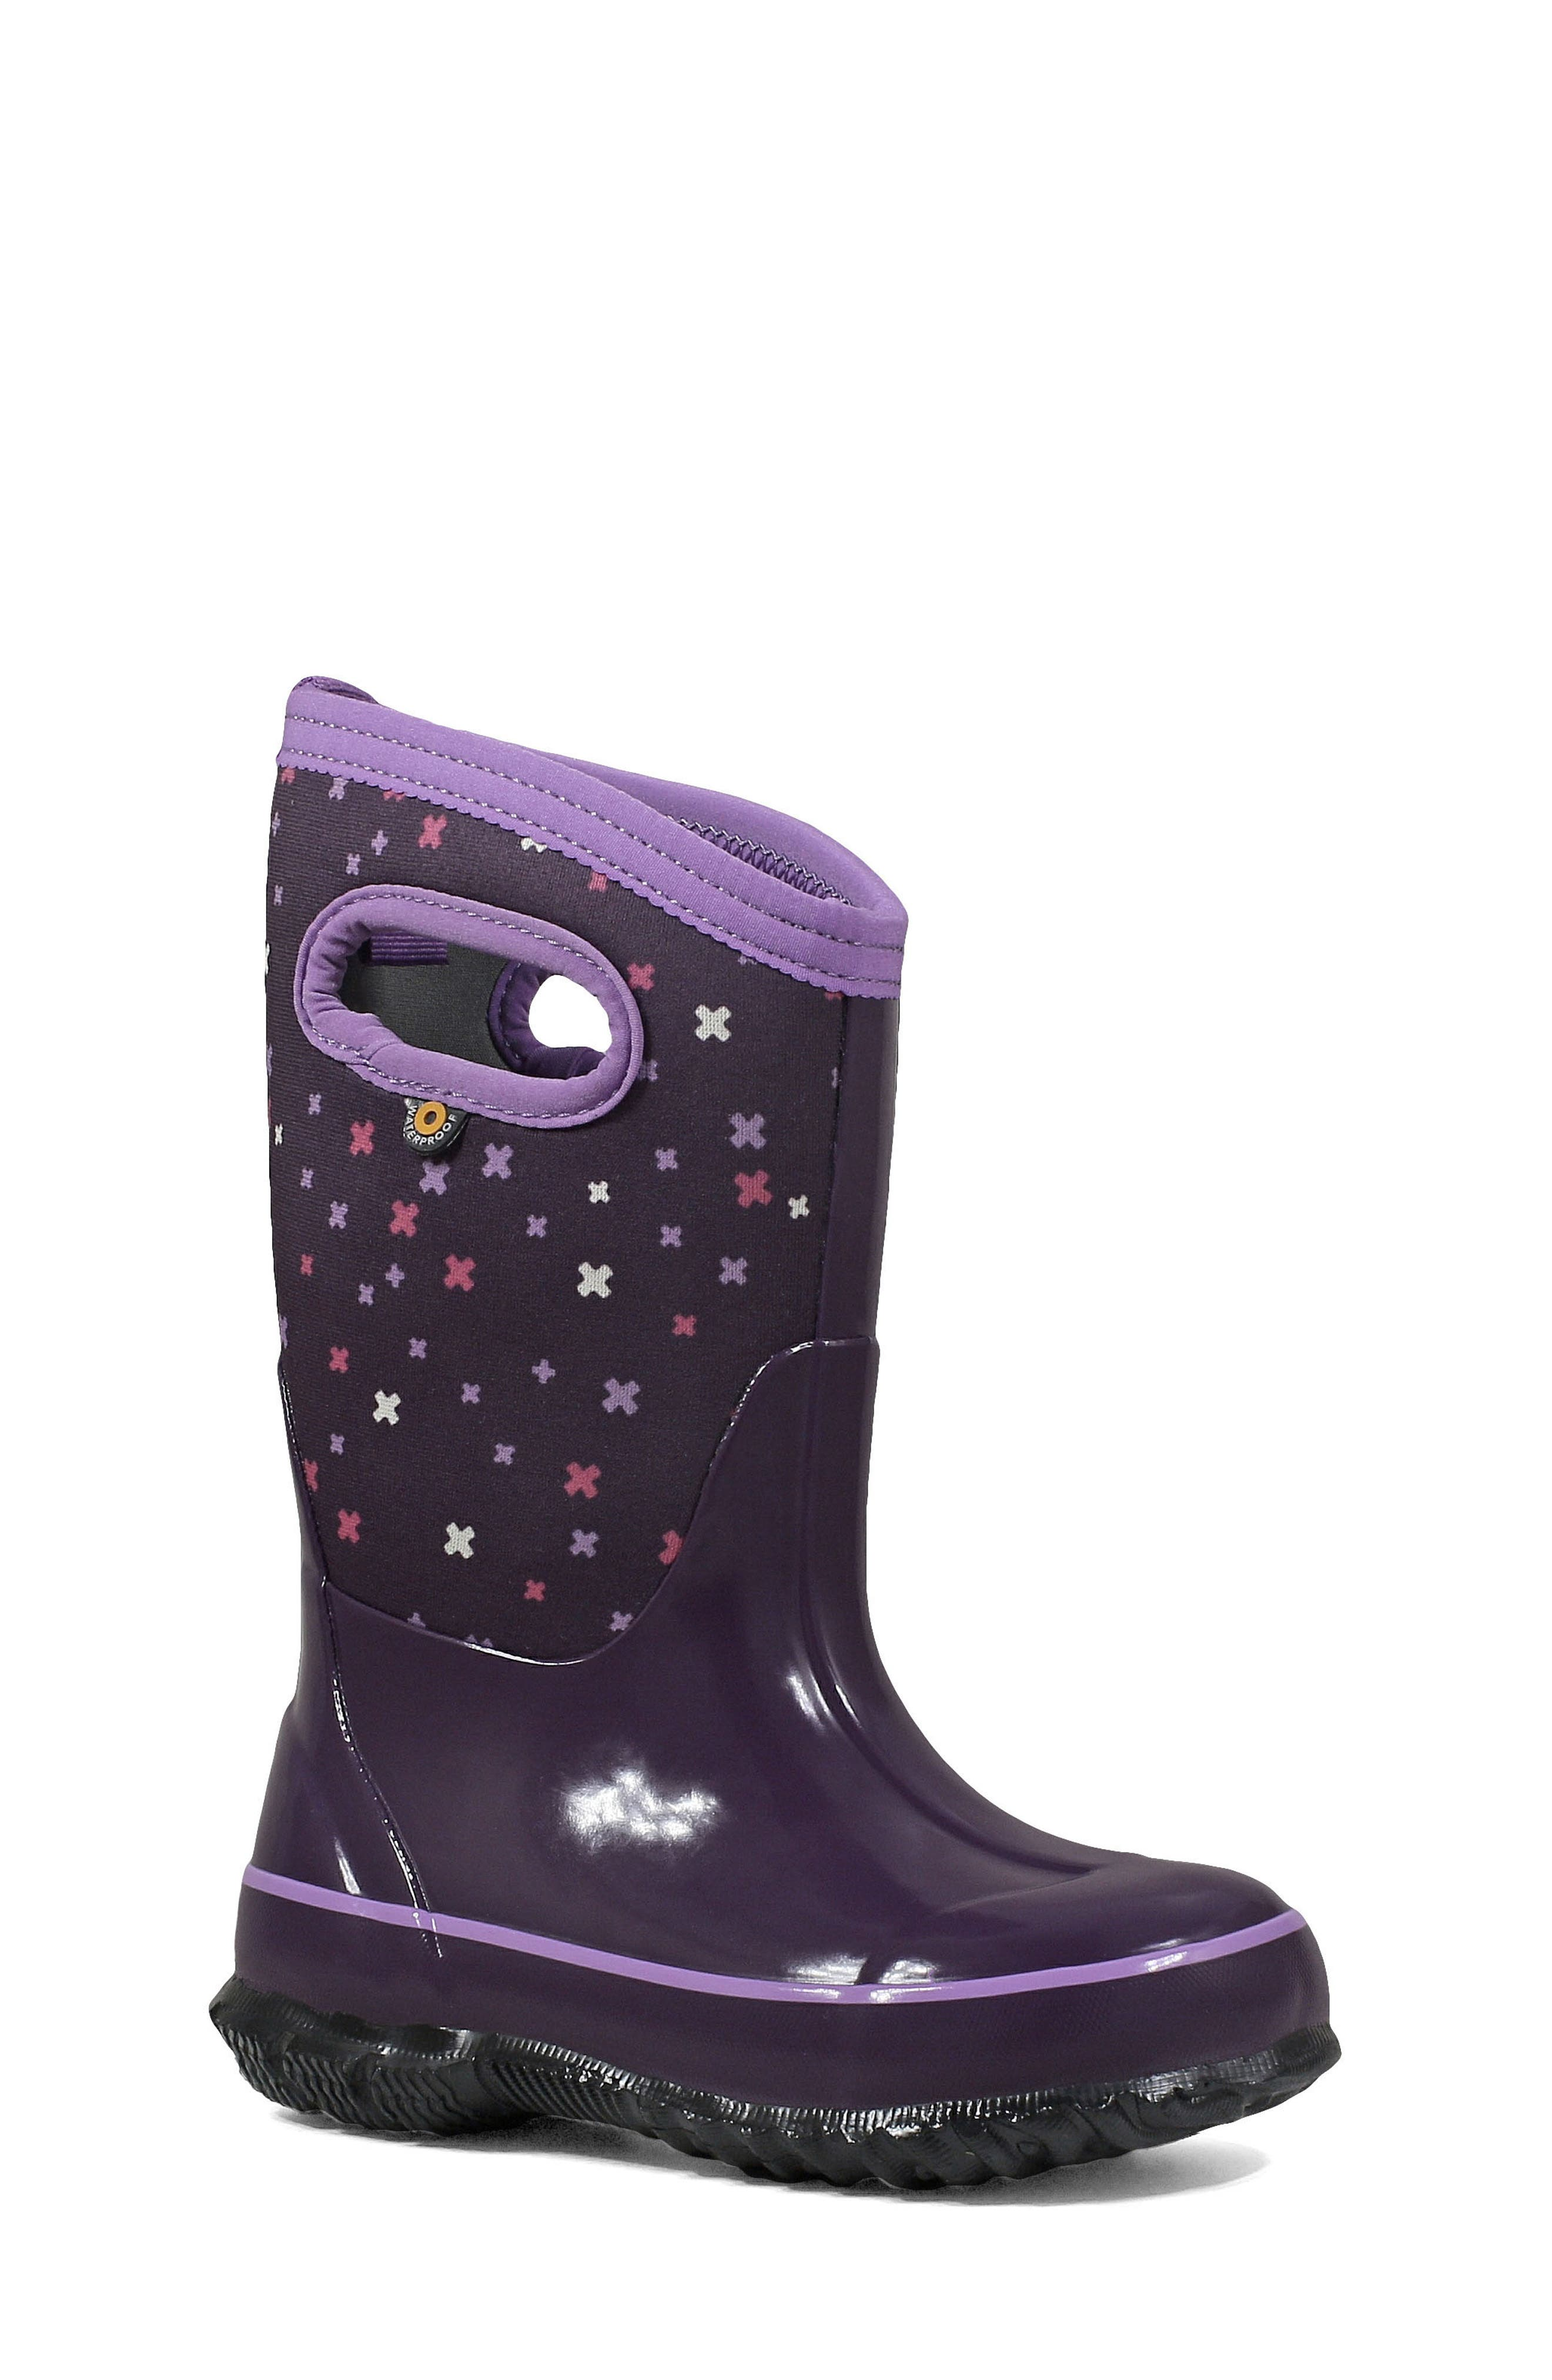 Image of Bogs Classic Plus Rain Boot